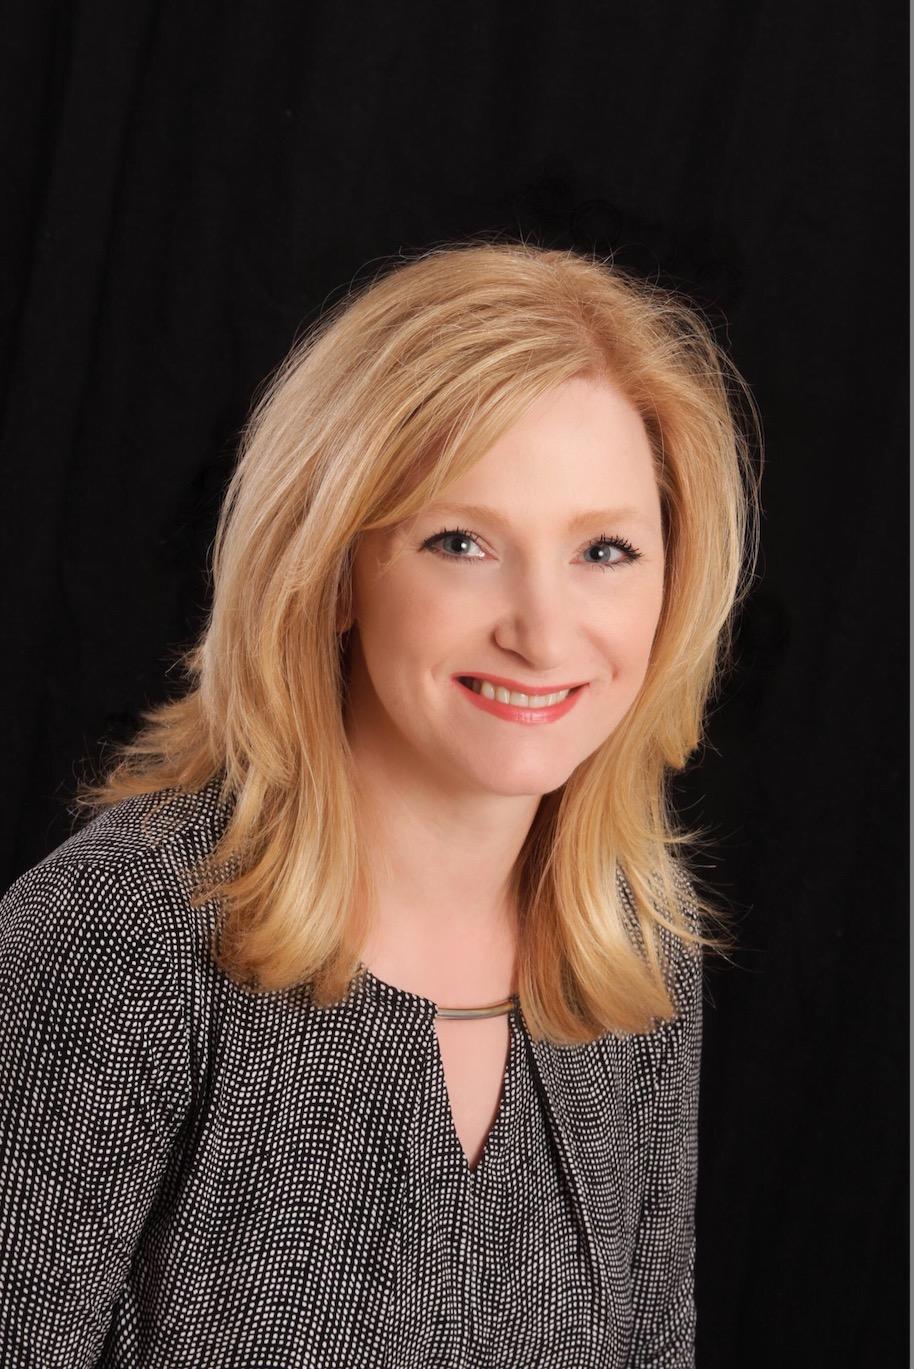 Lori Molieri